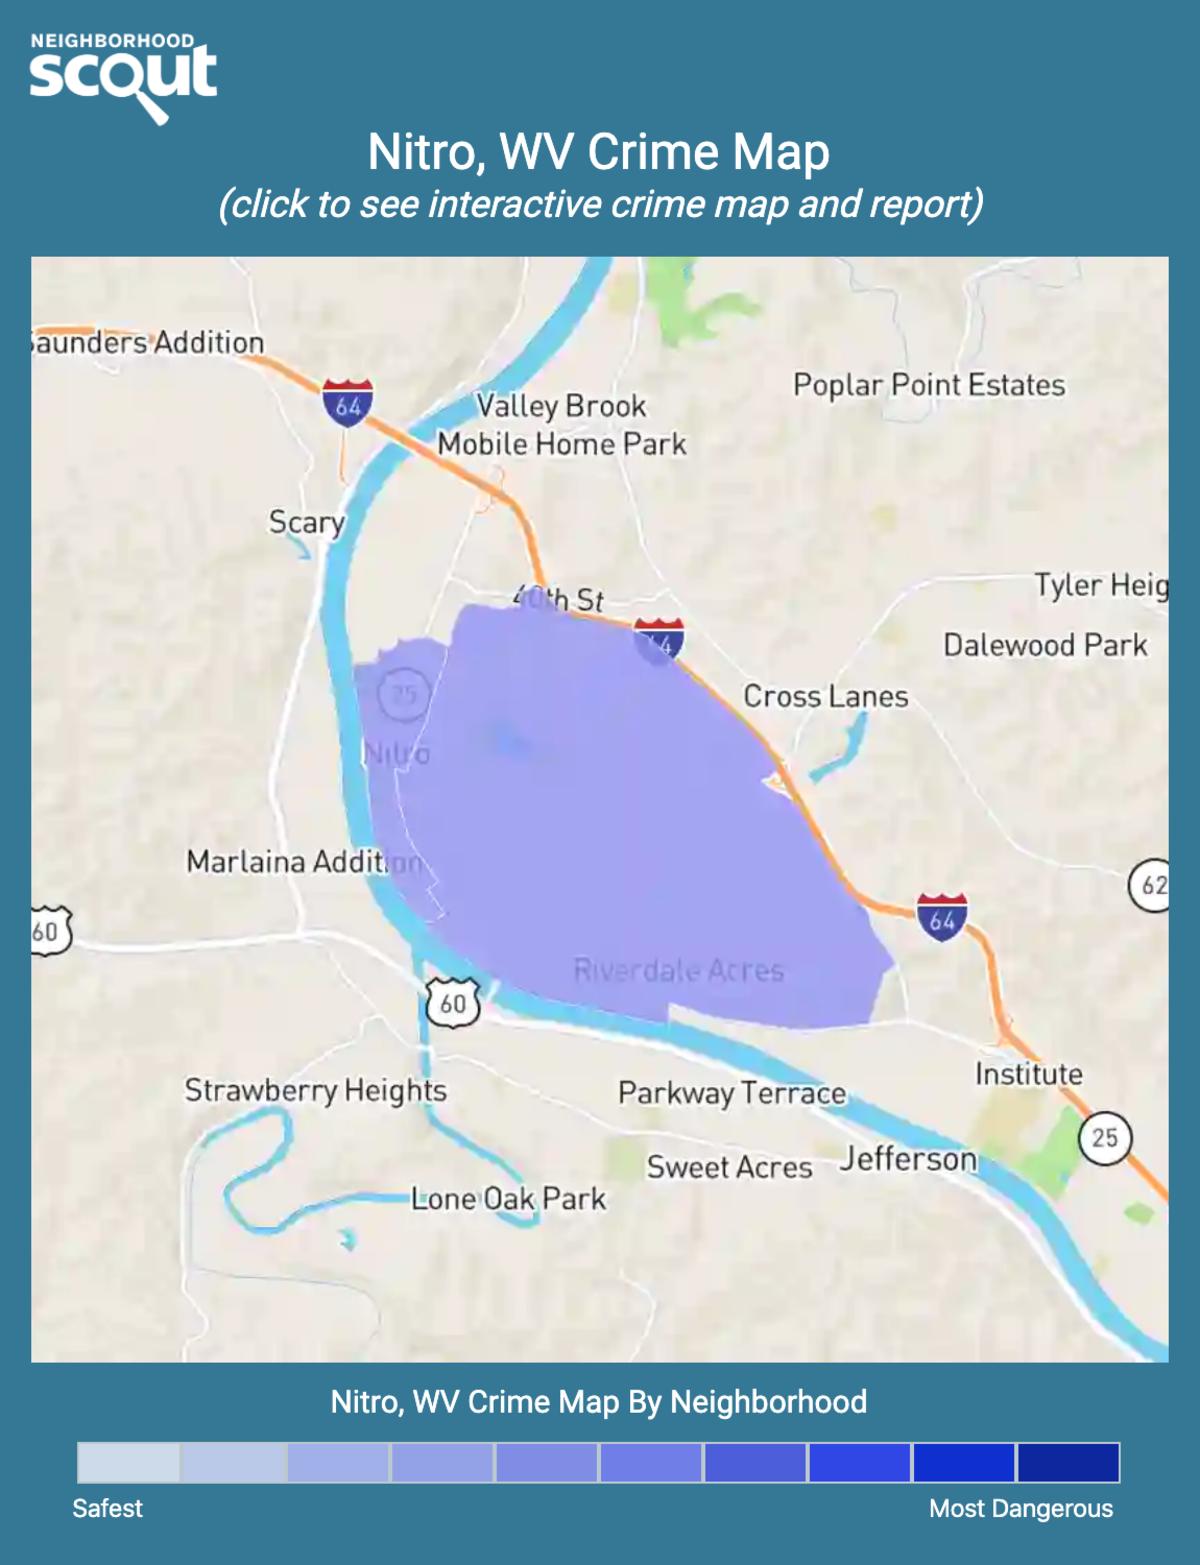 Nitro, West Virginia crime map